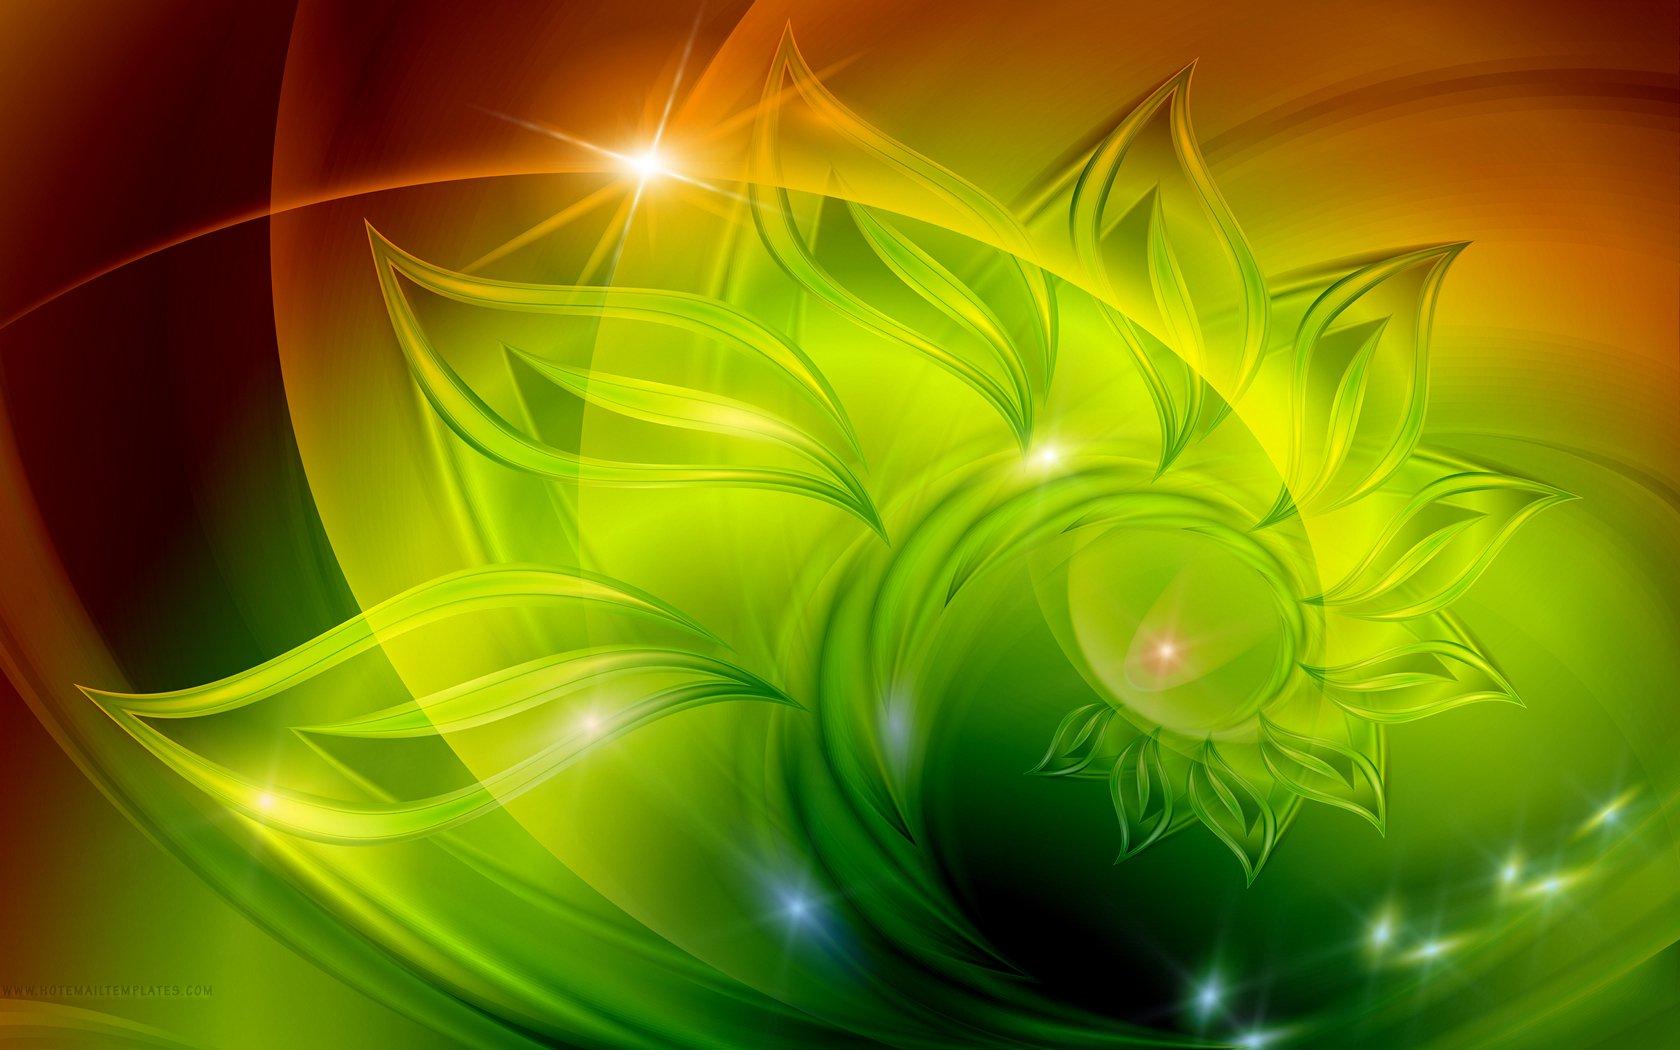 Top Wallpaper High Resolution Green - green-flowers-wallpaper-5-high-resolution-wallpaper  HD_738334.jpg